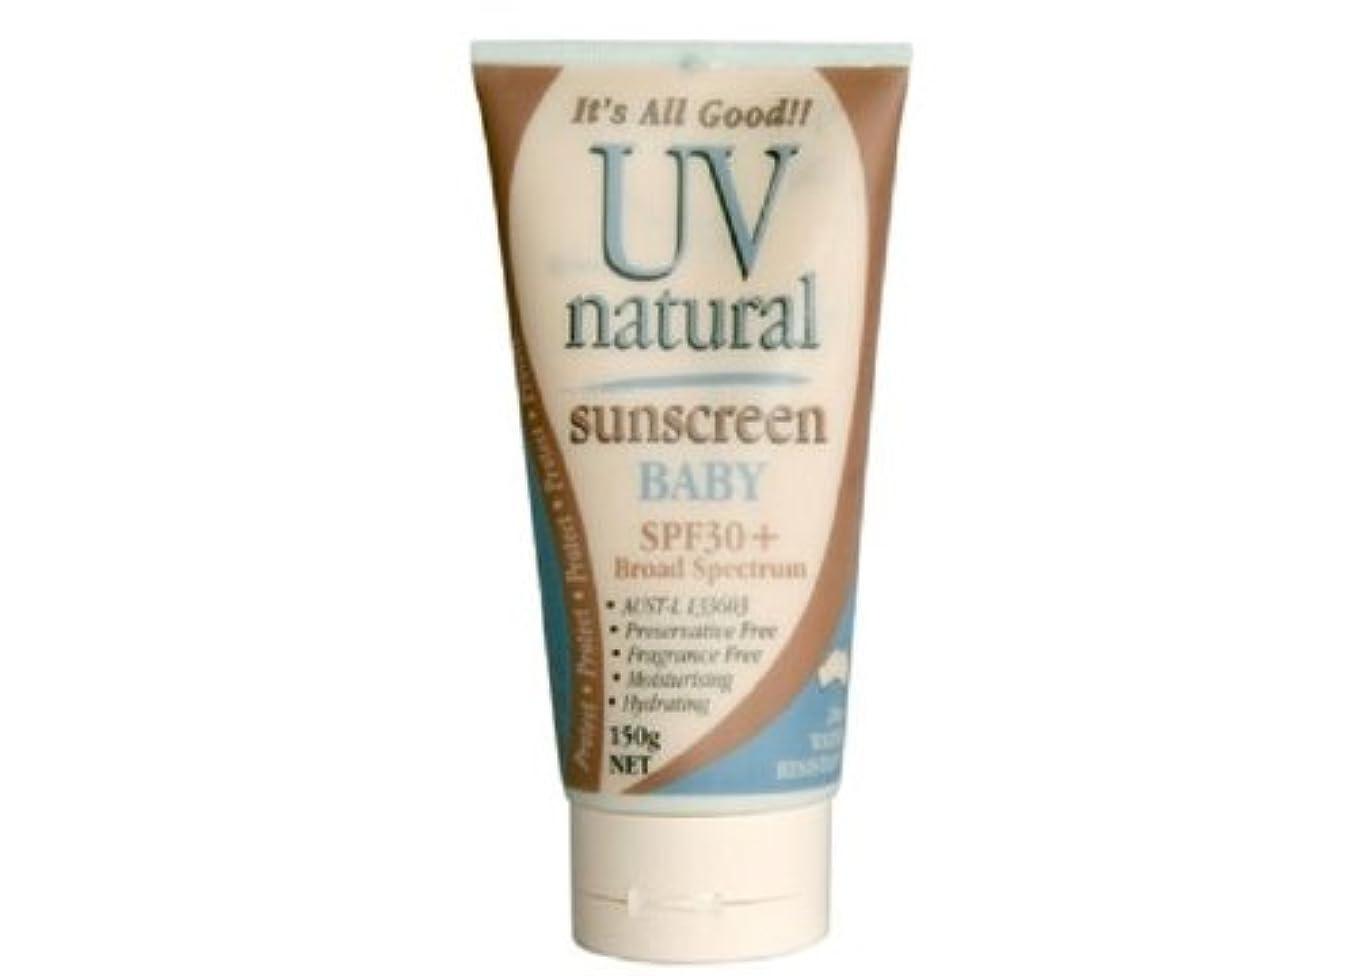 たらい吸収複合【UV NATURAL】Baby 日焼け止め Natural SPF30+ 150g 3本セット